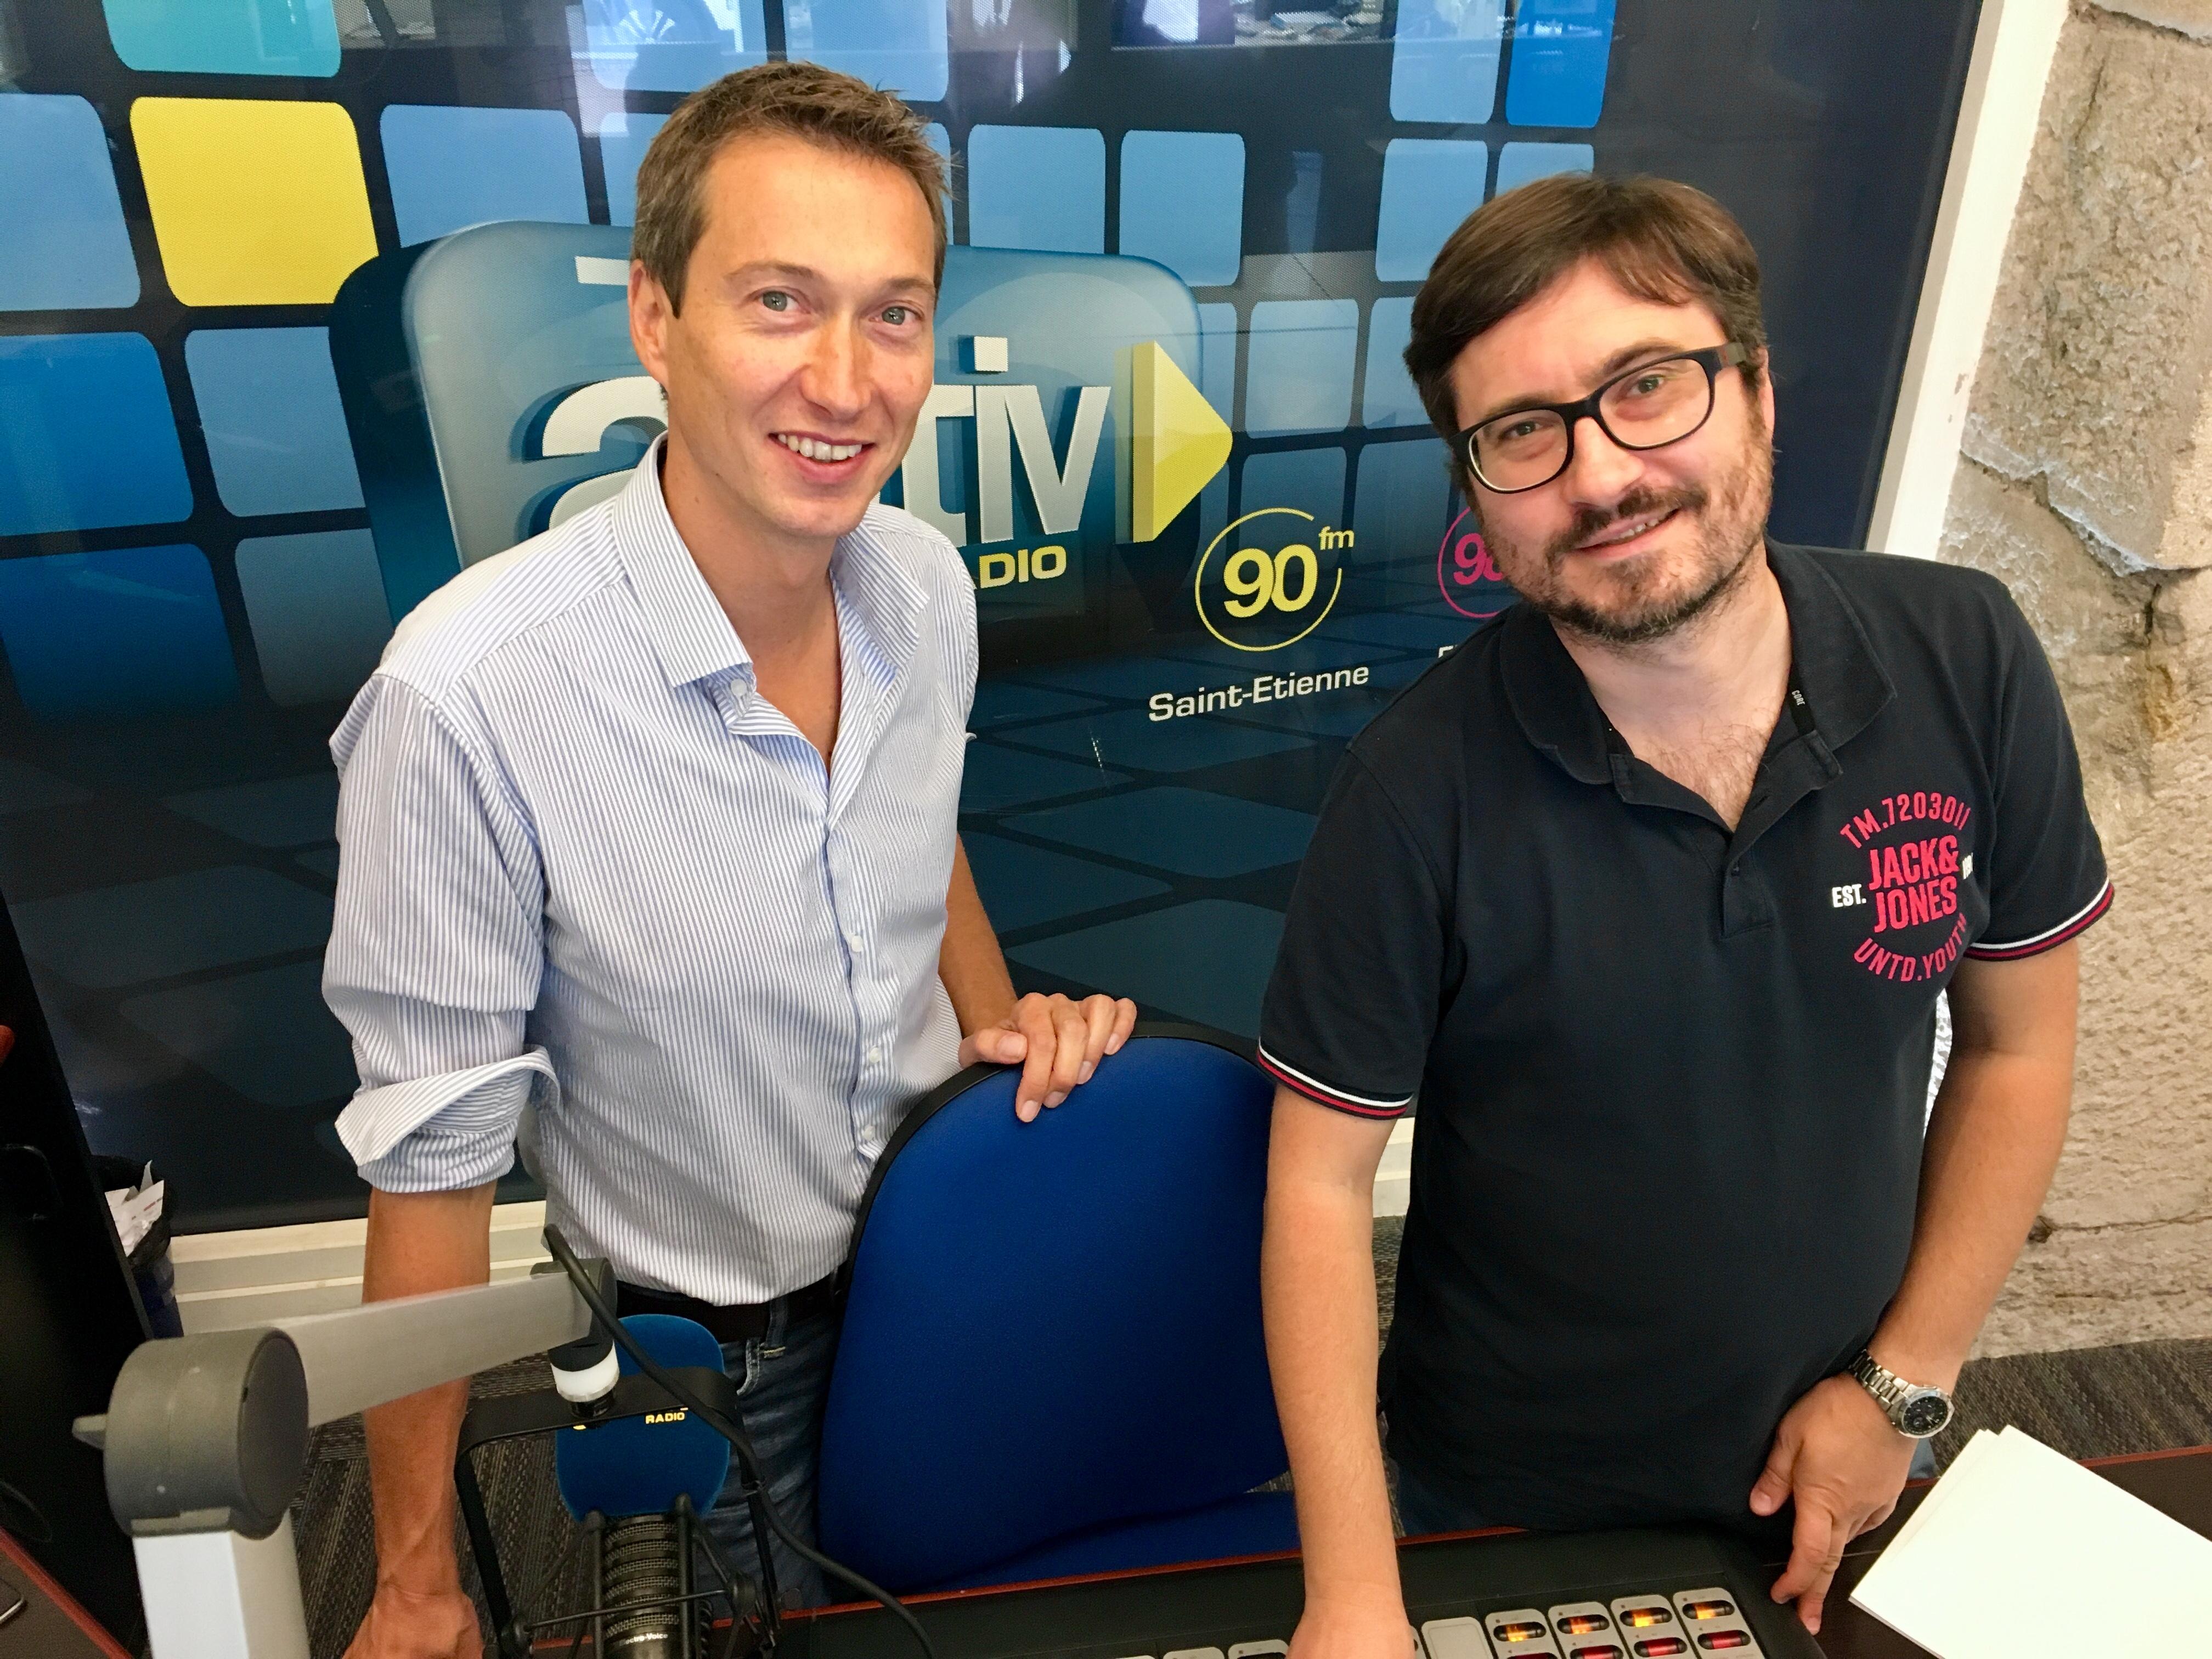 Les fondateurs d'Activ Radio, Romain Mazodier et Maxence Bertholon.